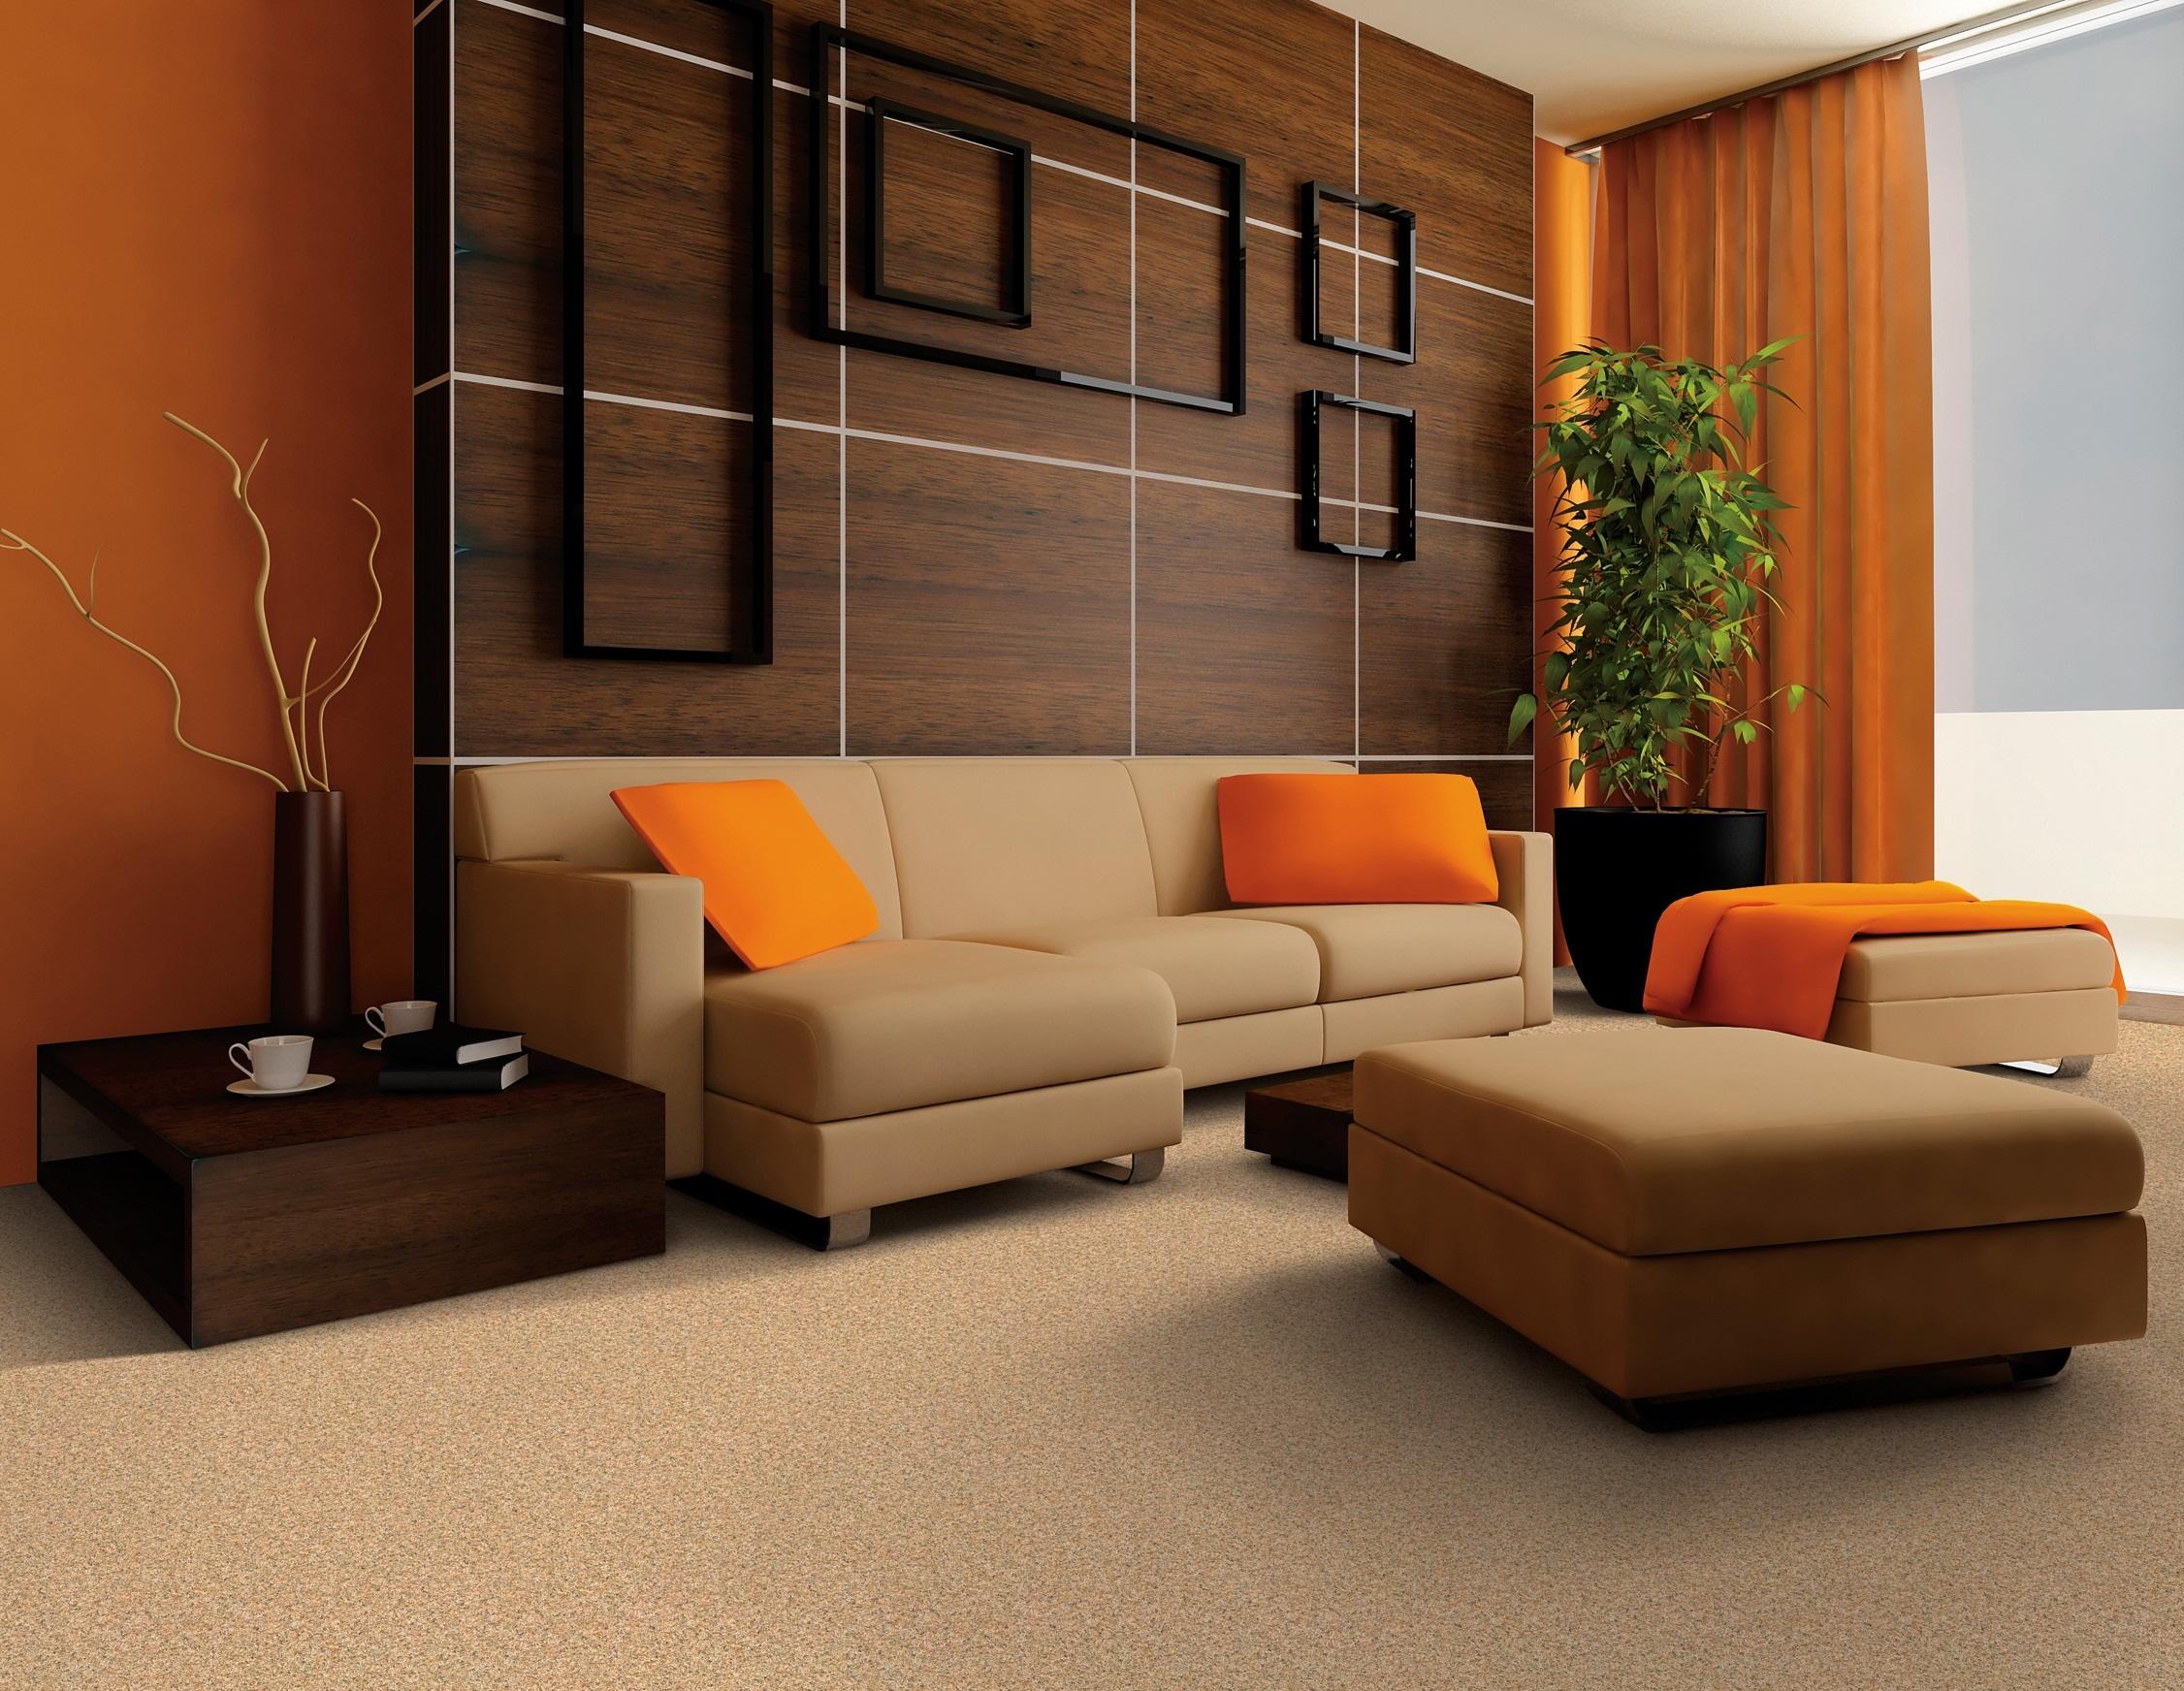 Hiasan dalaman ruang tamu kontemporari dengan langsir modenjpg